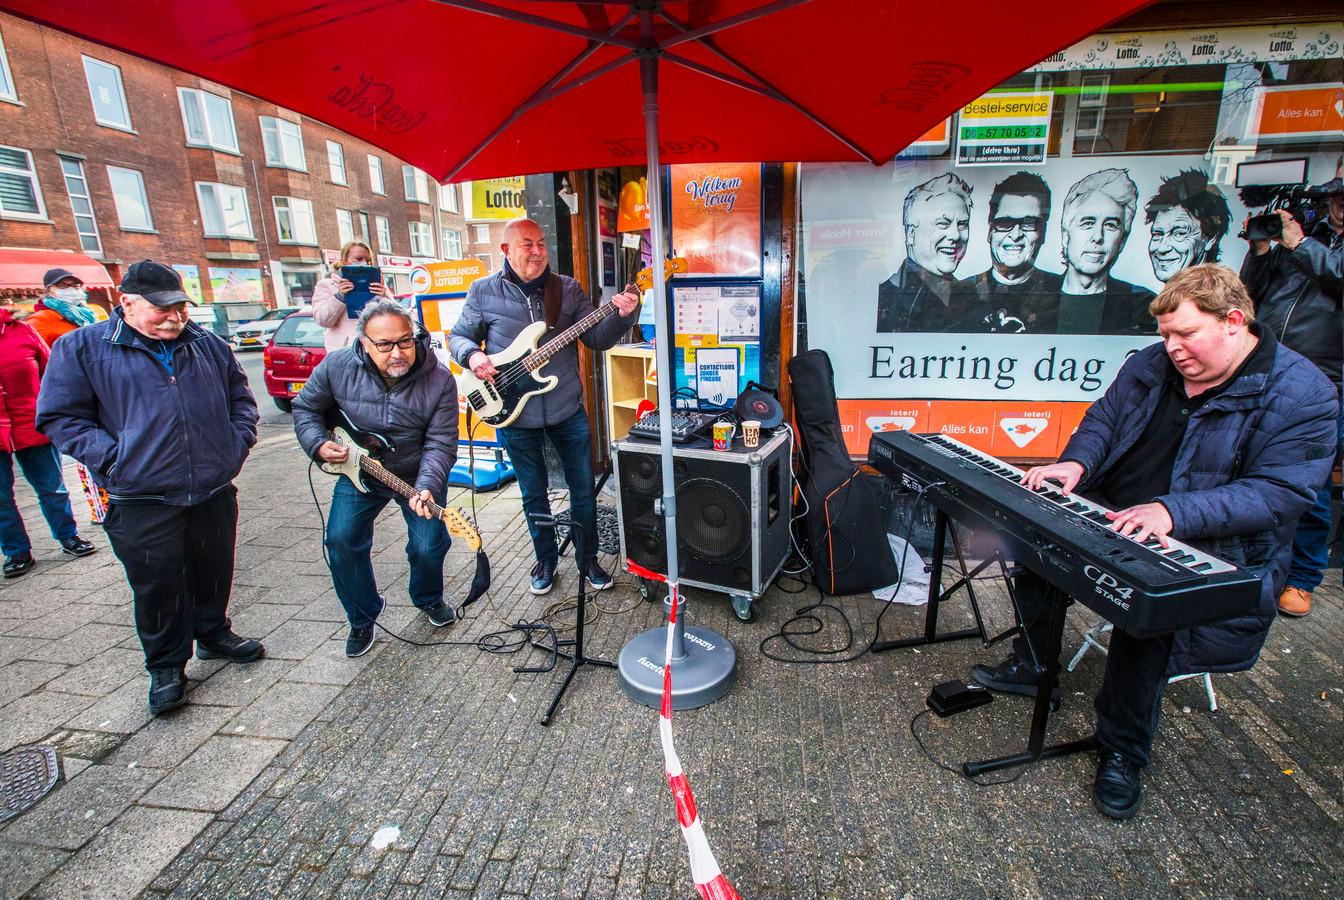 Ron Lezer (Gitaar), Willem Augesteijn (Bas) en Patrick Lejewaan (toetsen) spelen het Golden Earringnummer Radar Love in de Terletstraat voor het Prijspaleis. Rooie Ruud (met pet) kijkt toe.